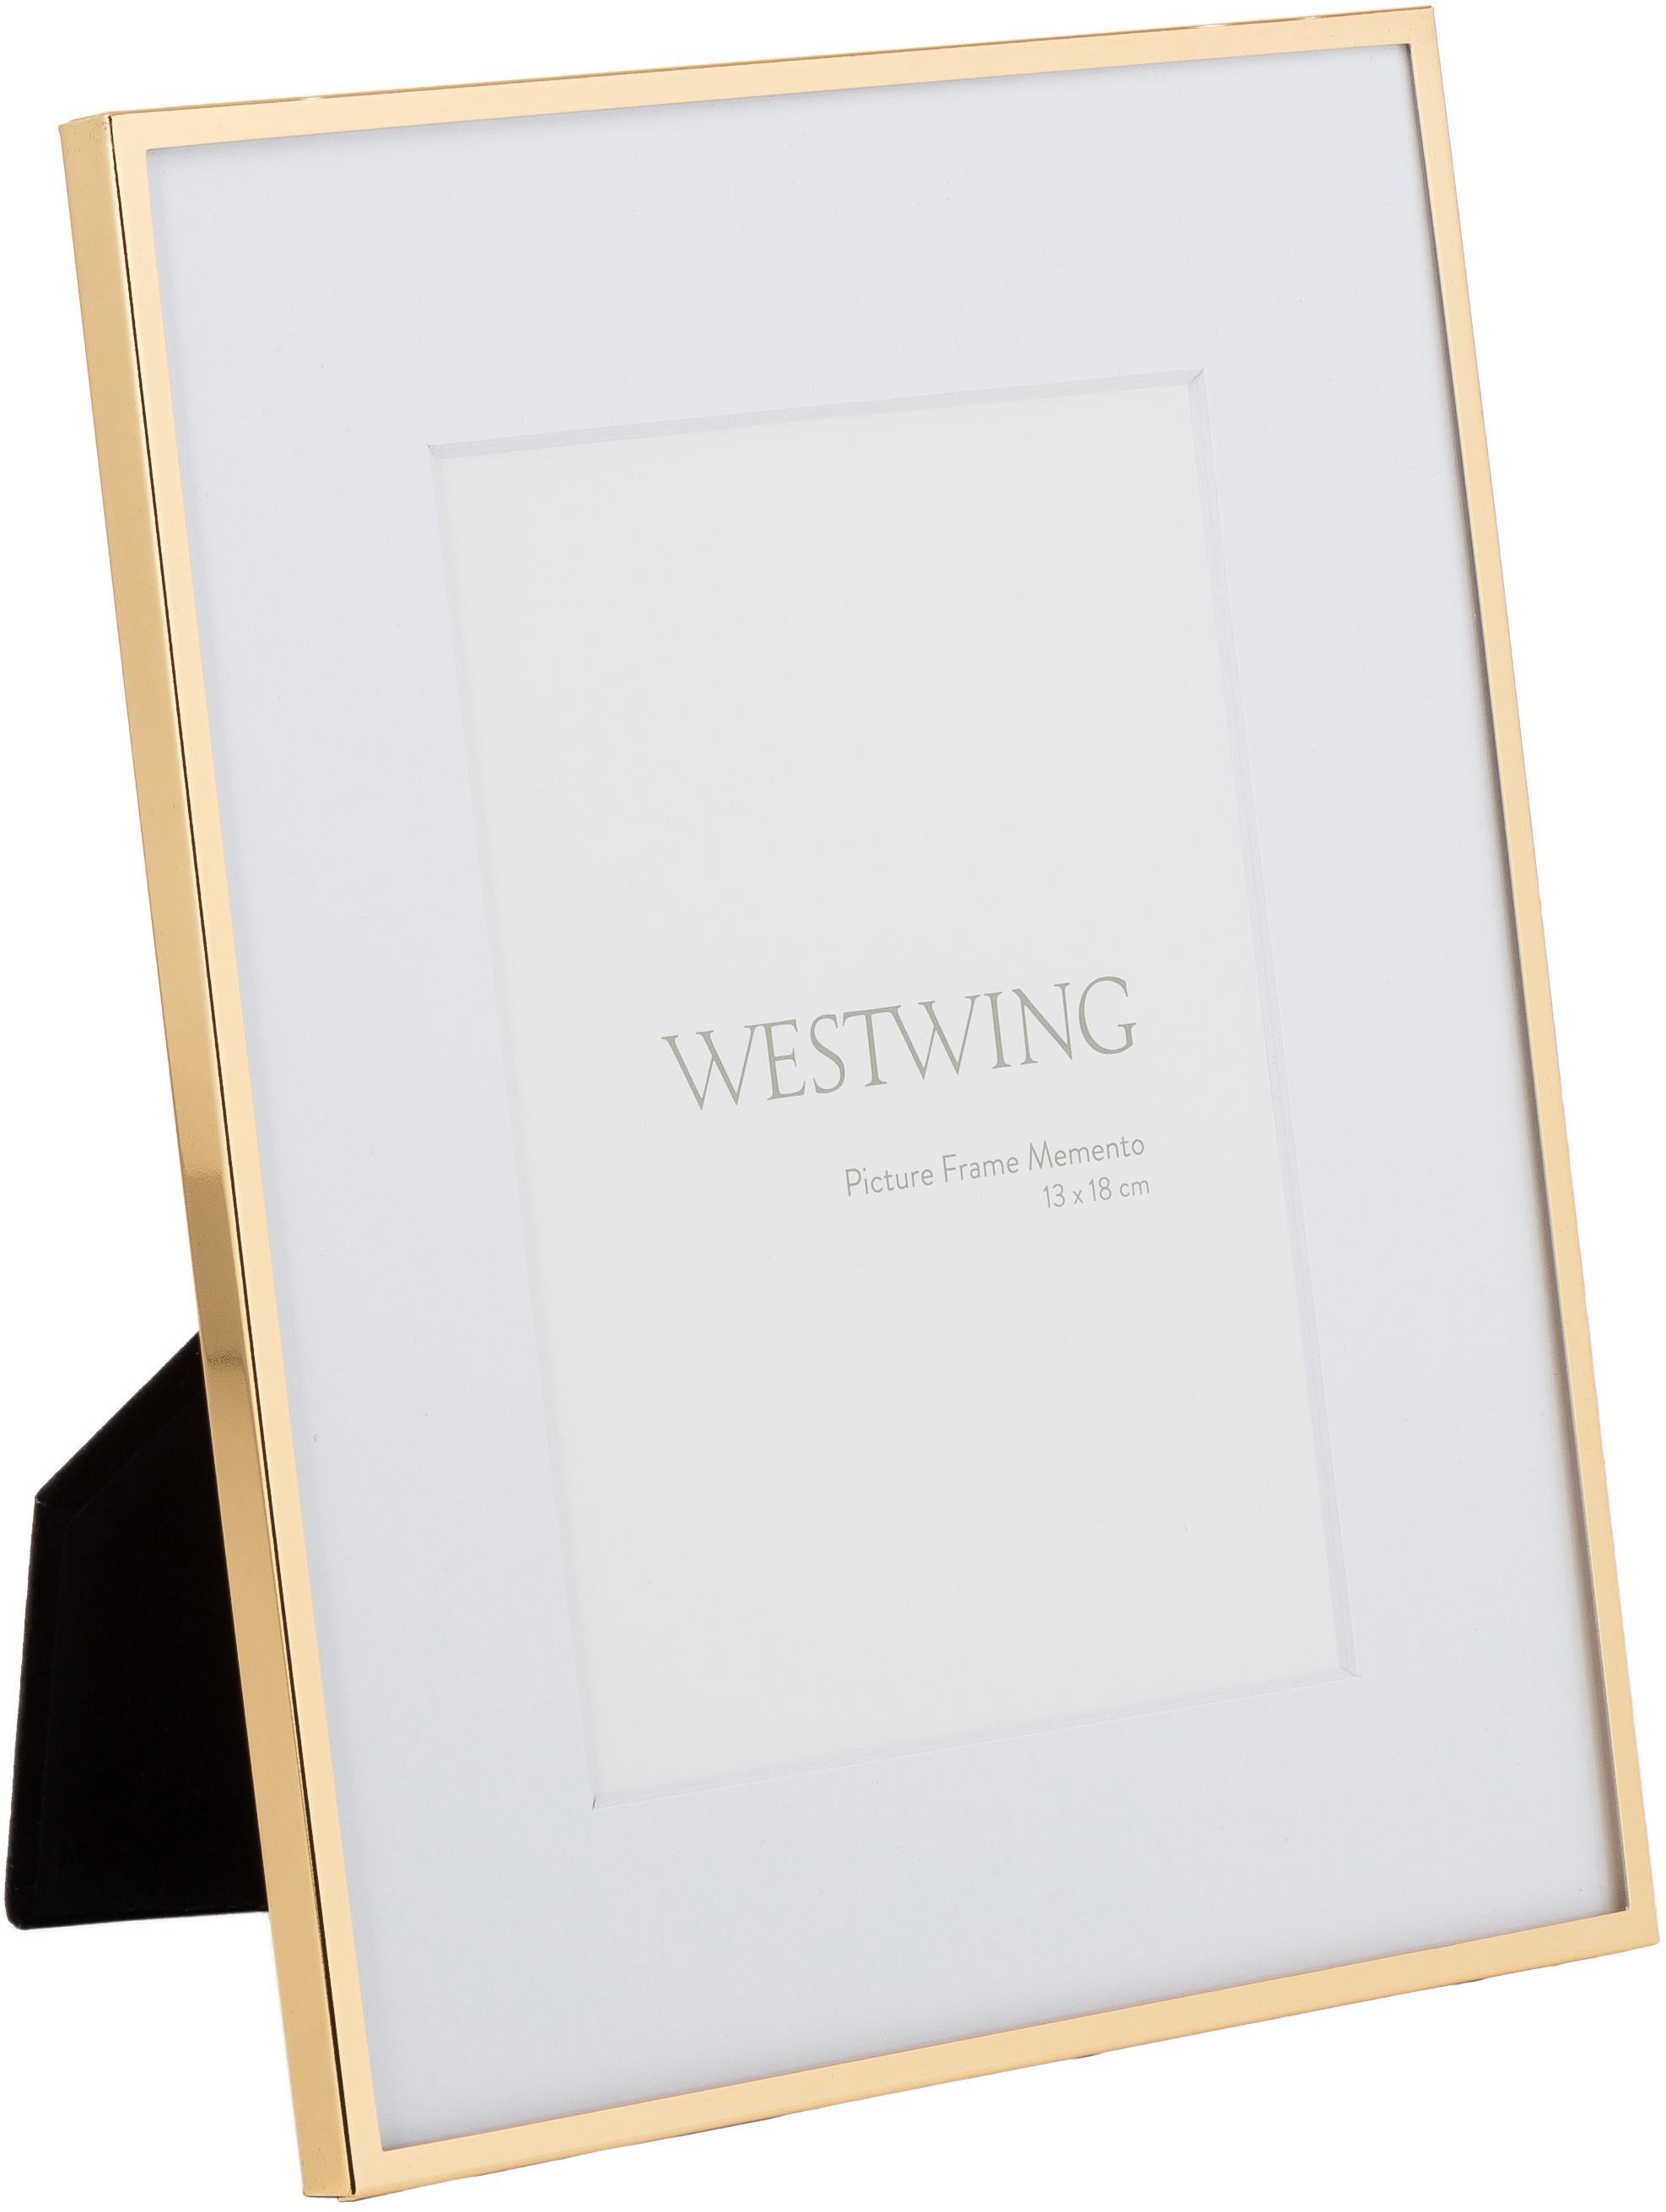 Bilderrahmen Memento, Rahmen: Eisen, hochglanz lackiert, Front: Glas, spiegelnd, Goldfarben, 13 x 18 cm